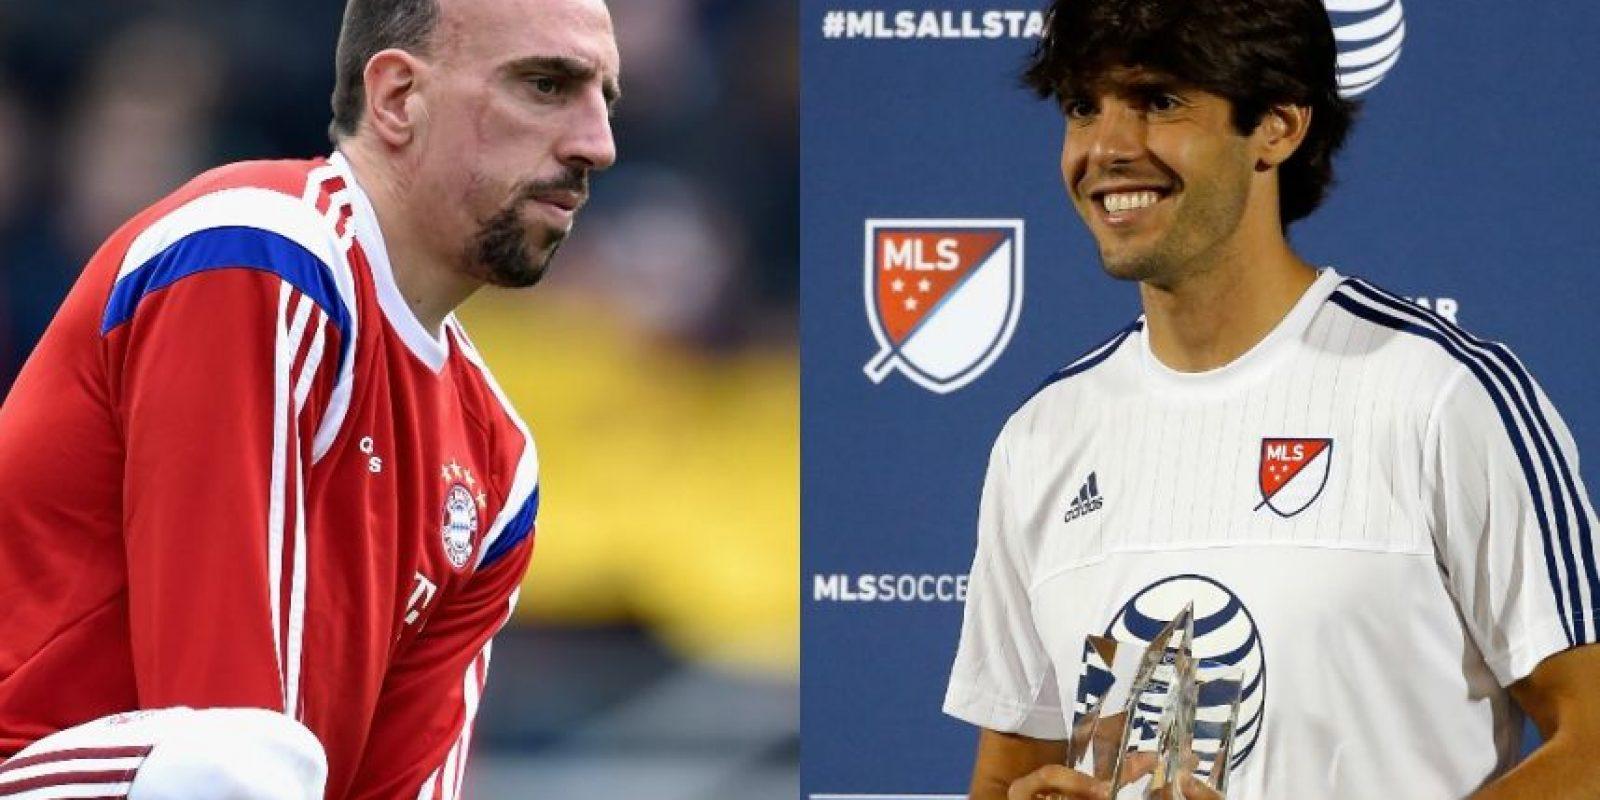 """Franck Ribery y Kaká – Kaká siempre ha tenido una cara de """"niño"""" por eso es difícil creer que tenga 32 años, la edad de Ribery. Foto:Getty Images"""